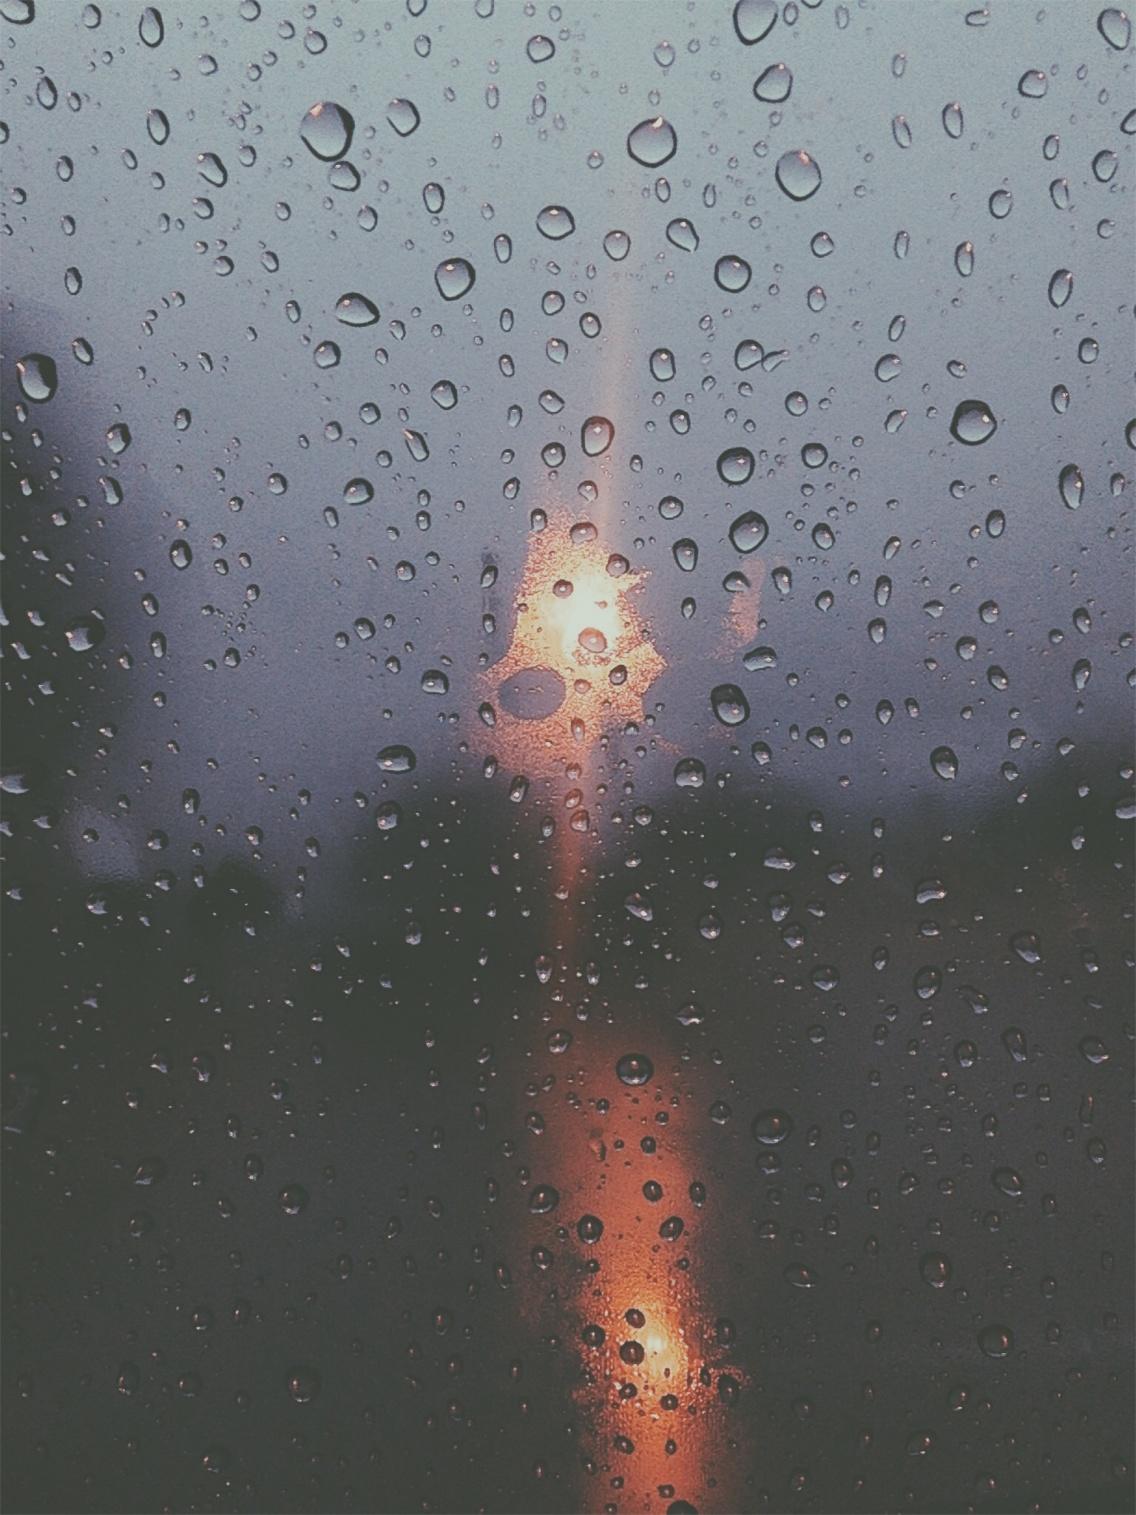 VSCO - #rain #dallas #weather #nature | vxnx